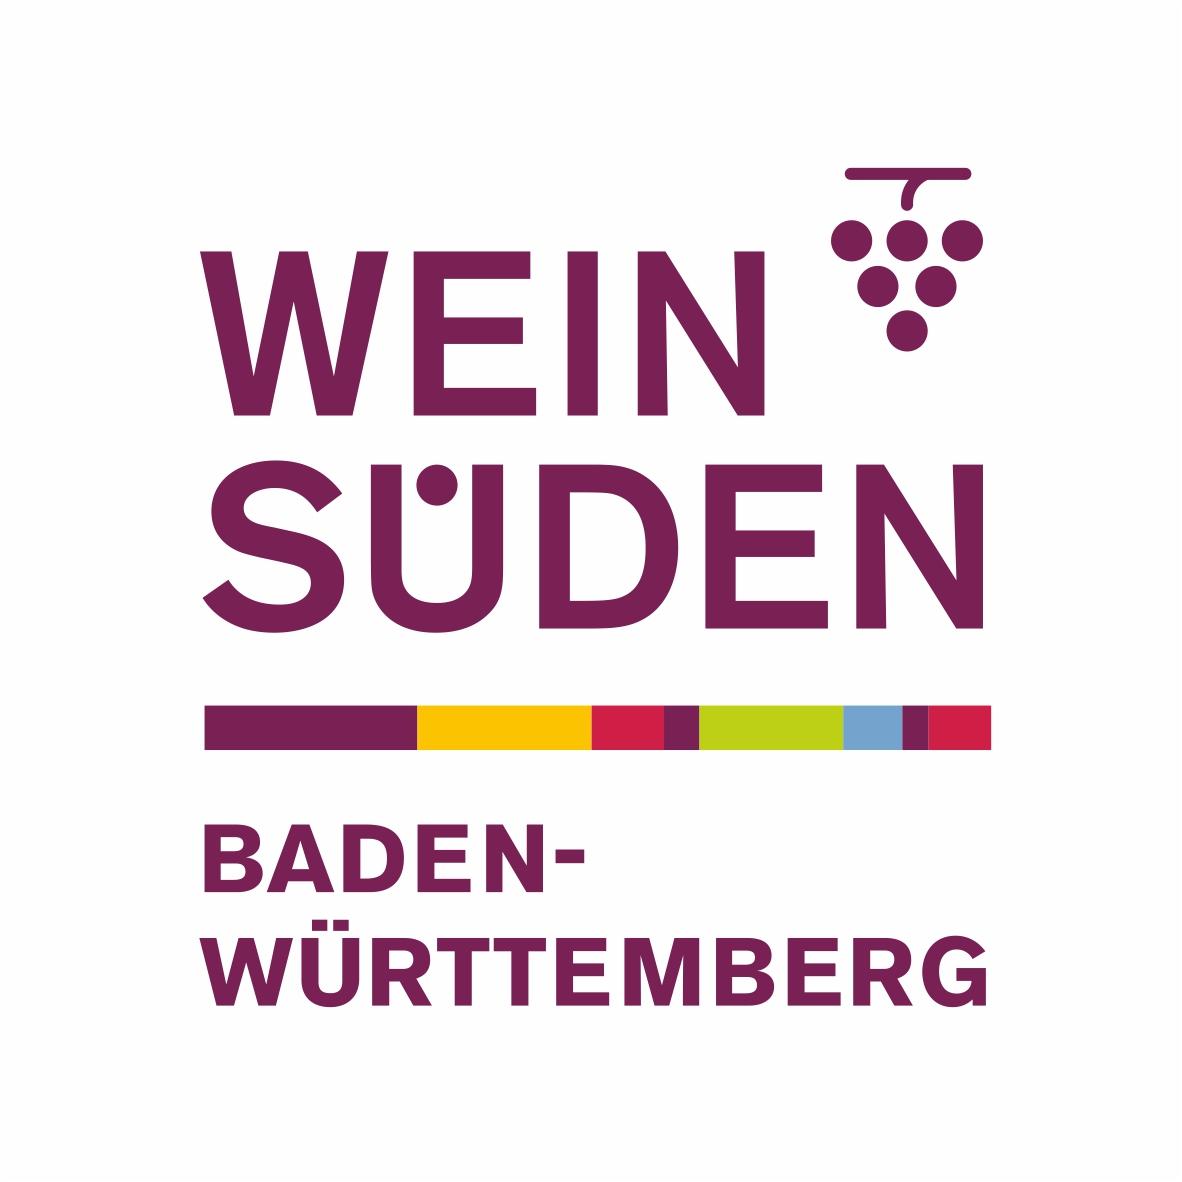 Weinsüden